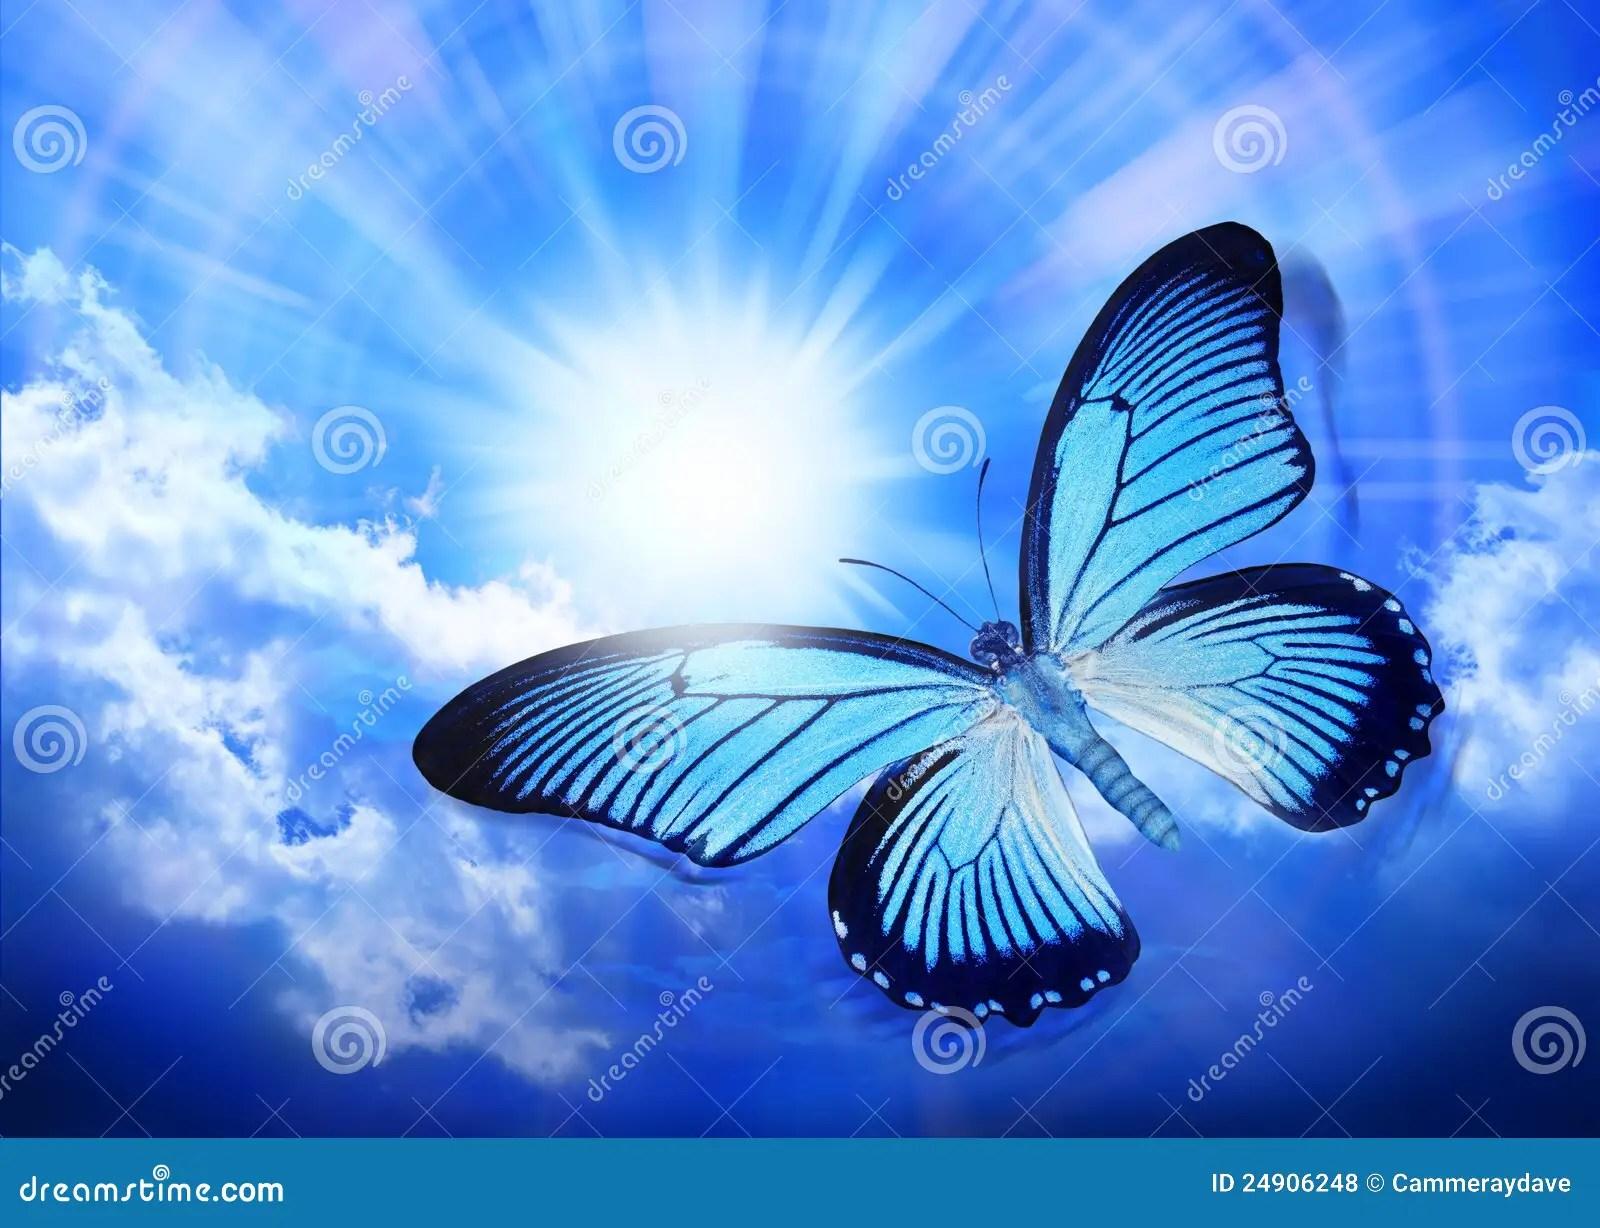 butterfly blue sky sun